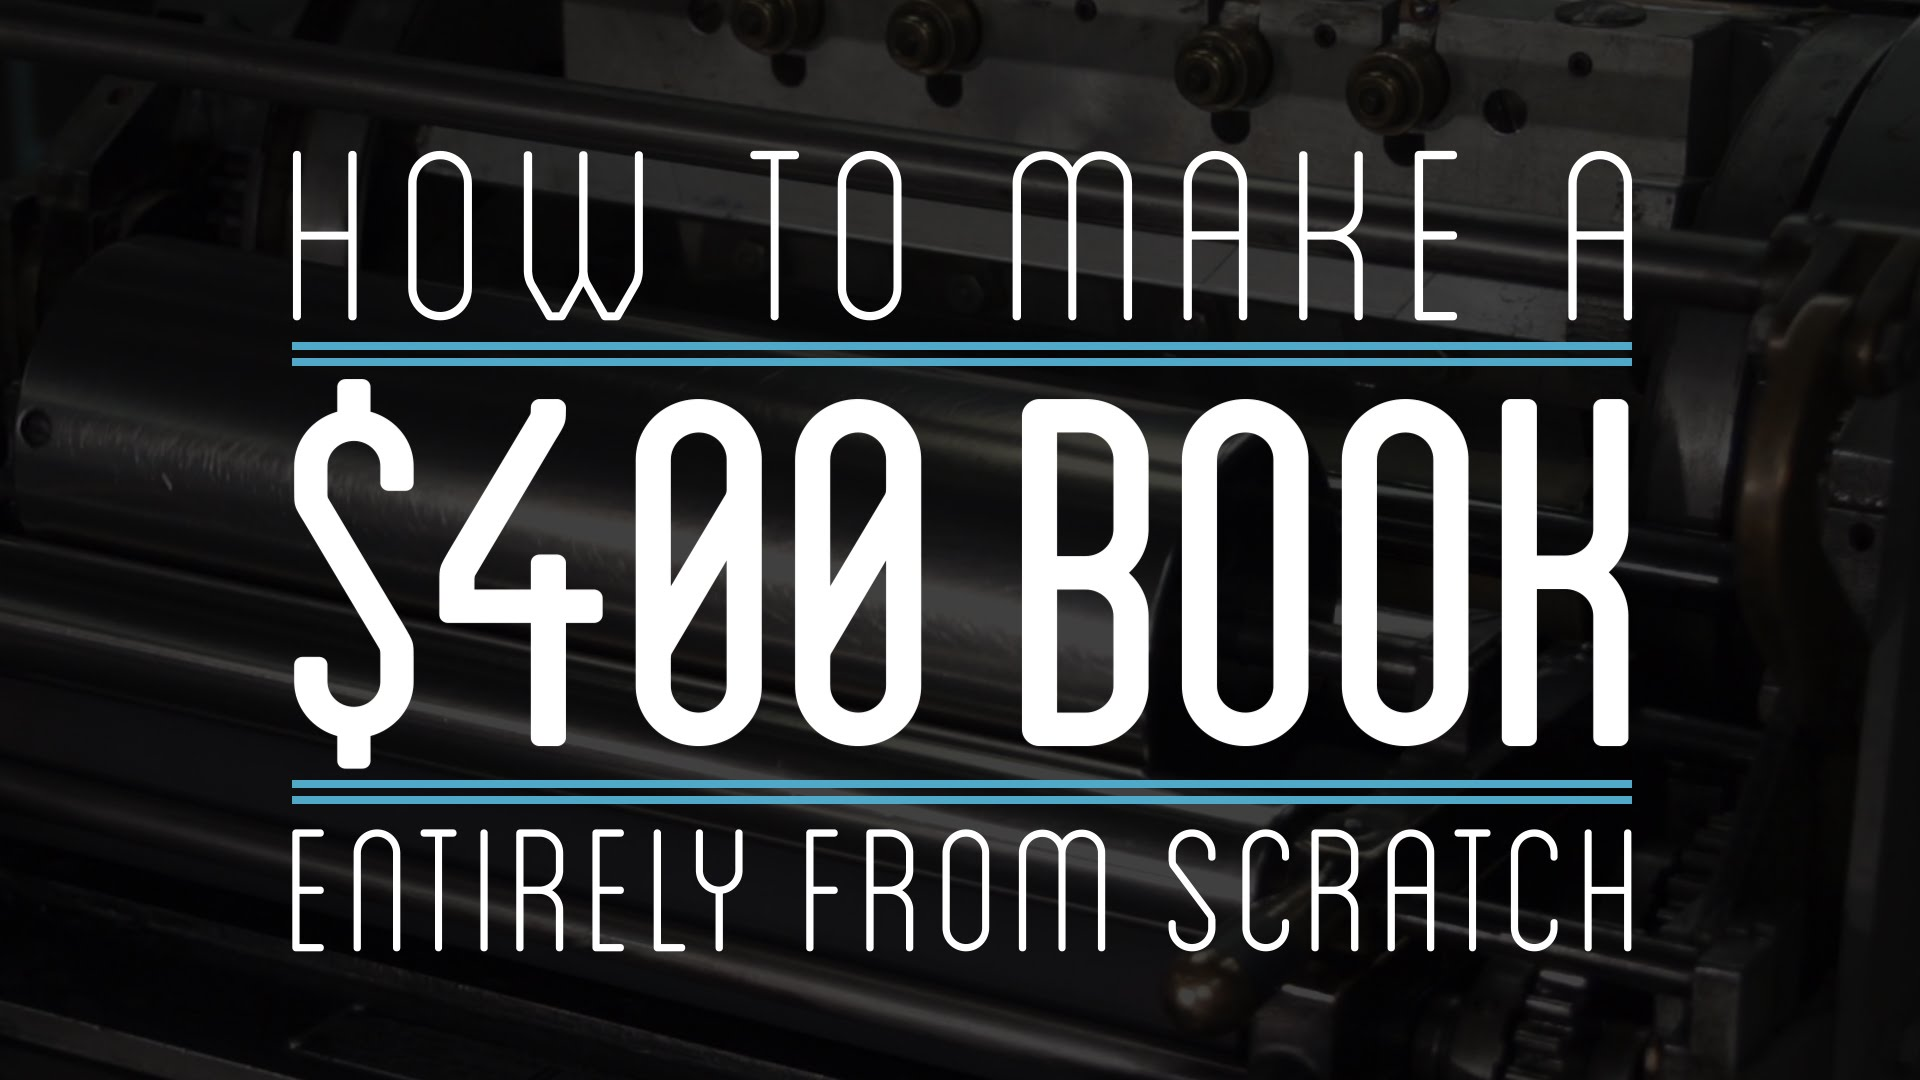 自費出版どころじゃない、本を一から作成する方法